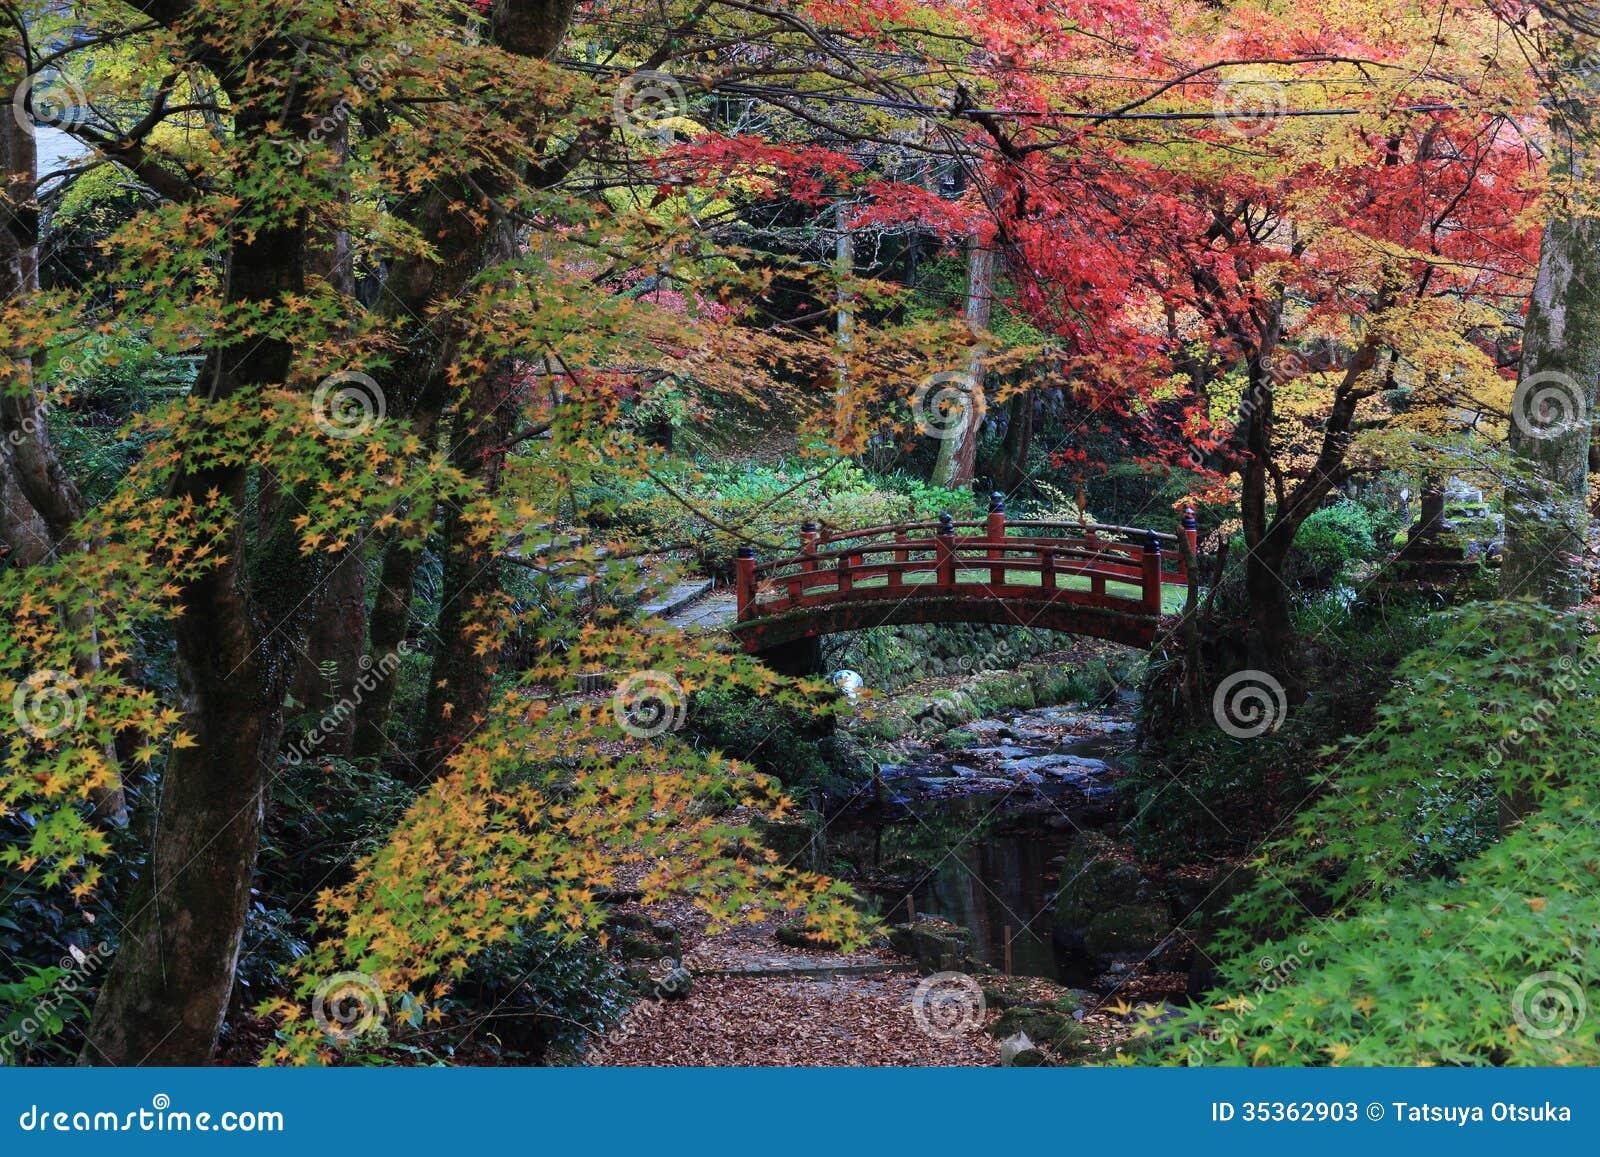 Fall colors in japanese garden stock photos image 35362903 for Japanese garden colors